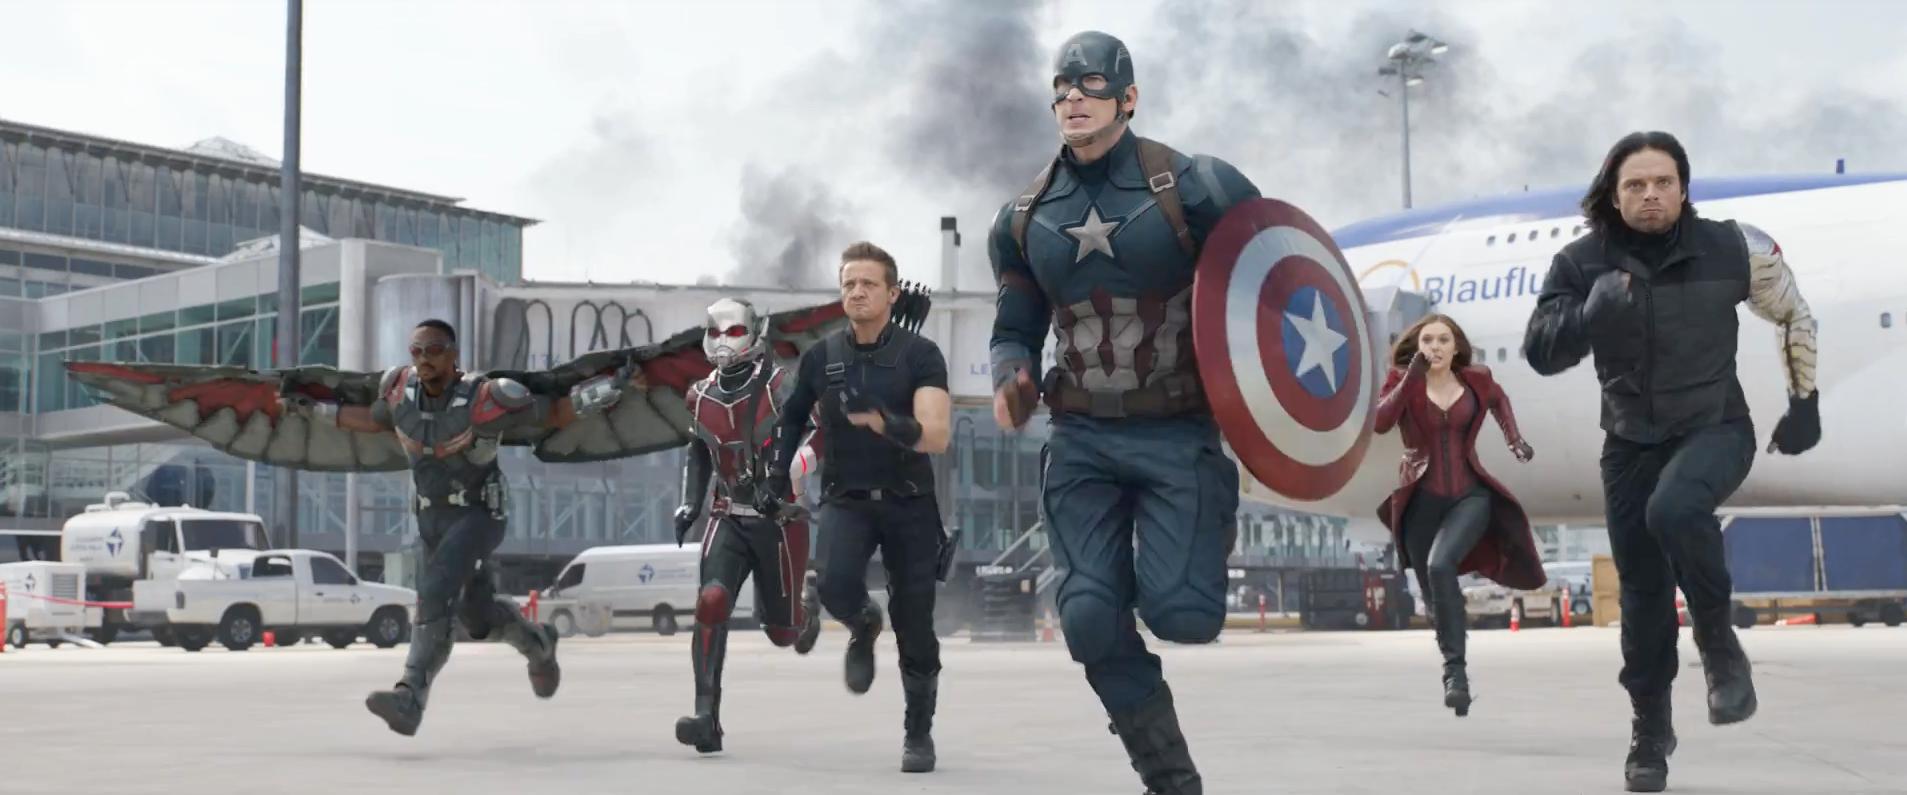 captain-america-civil-war-team.png